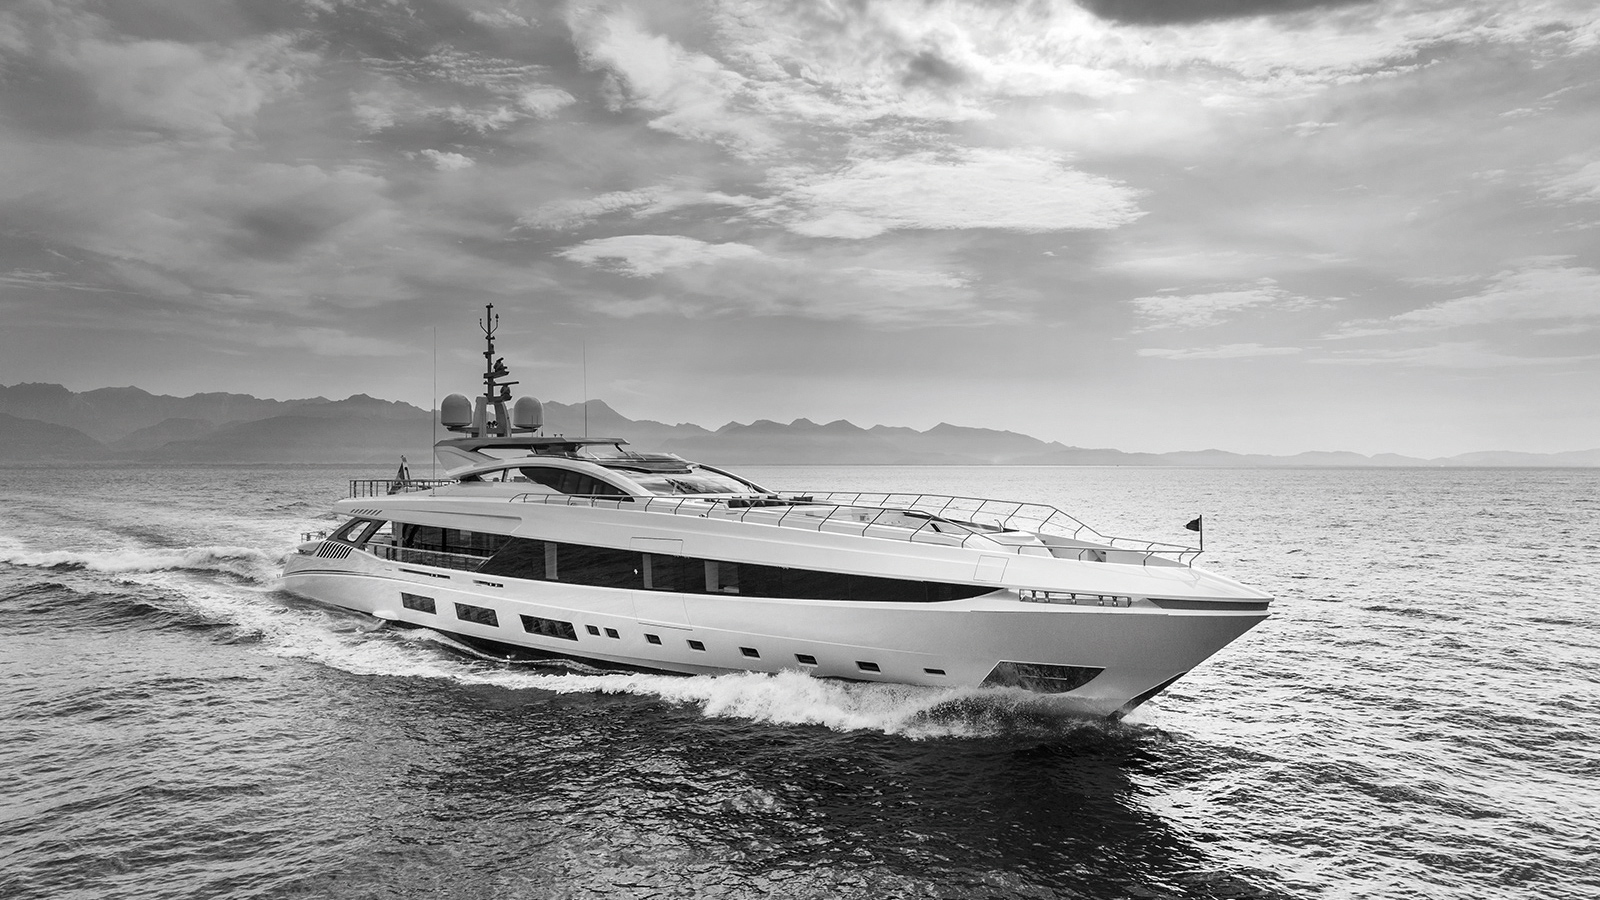 El-Leon-yacht